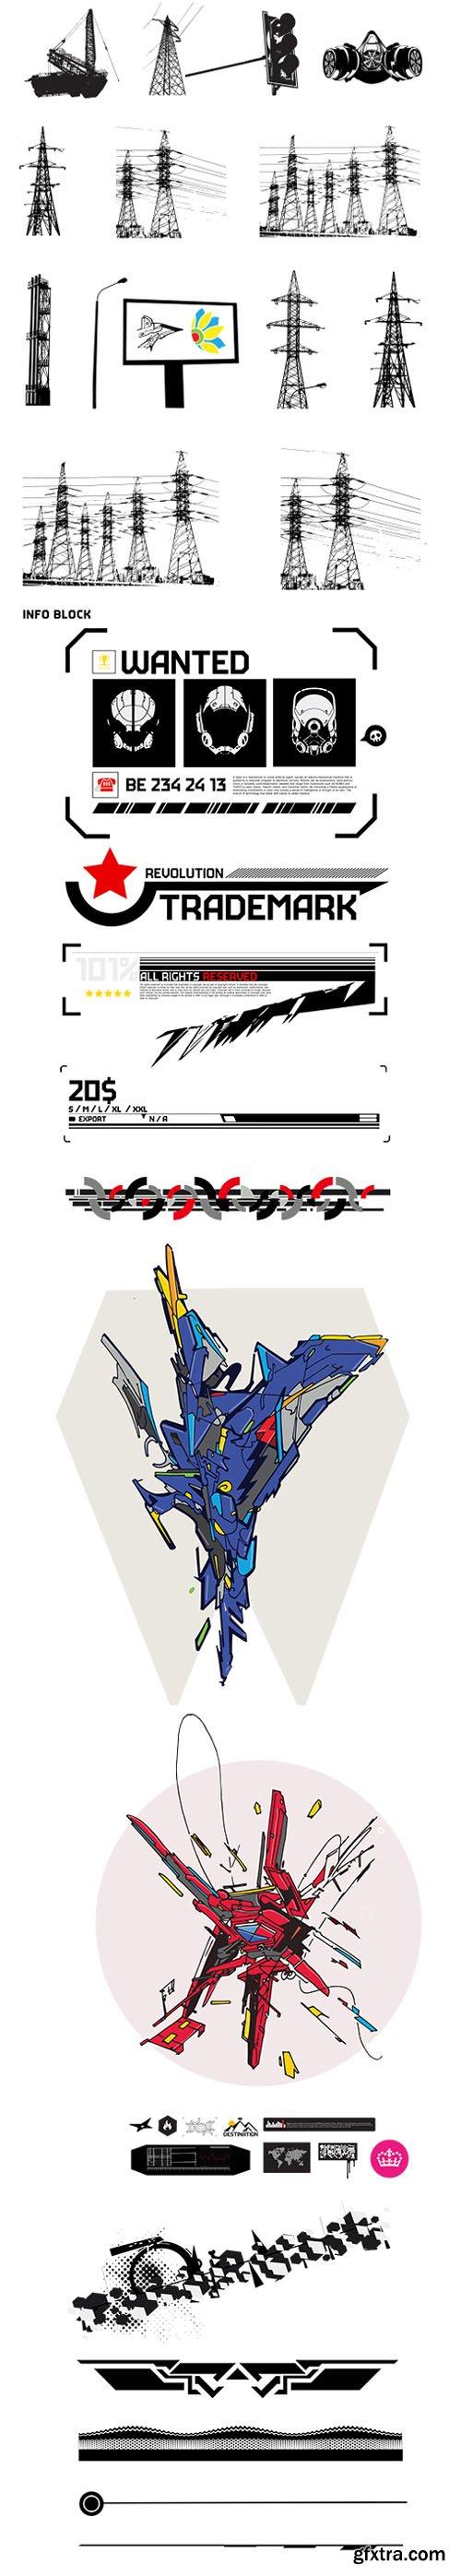 500 Badass Tech Vector Elements Pack